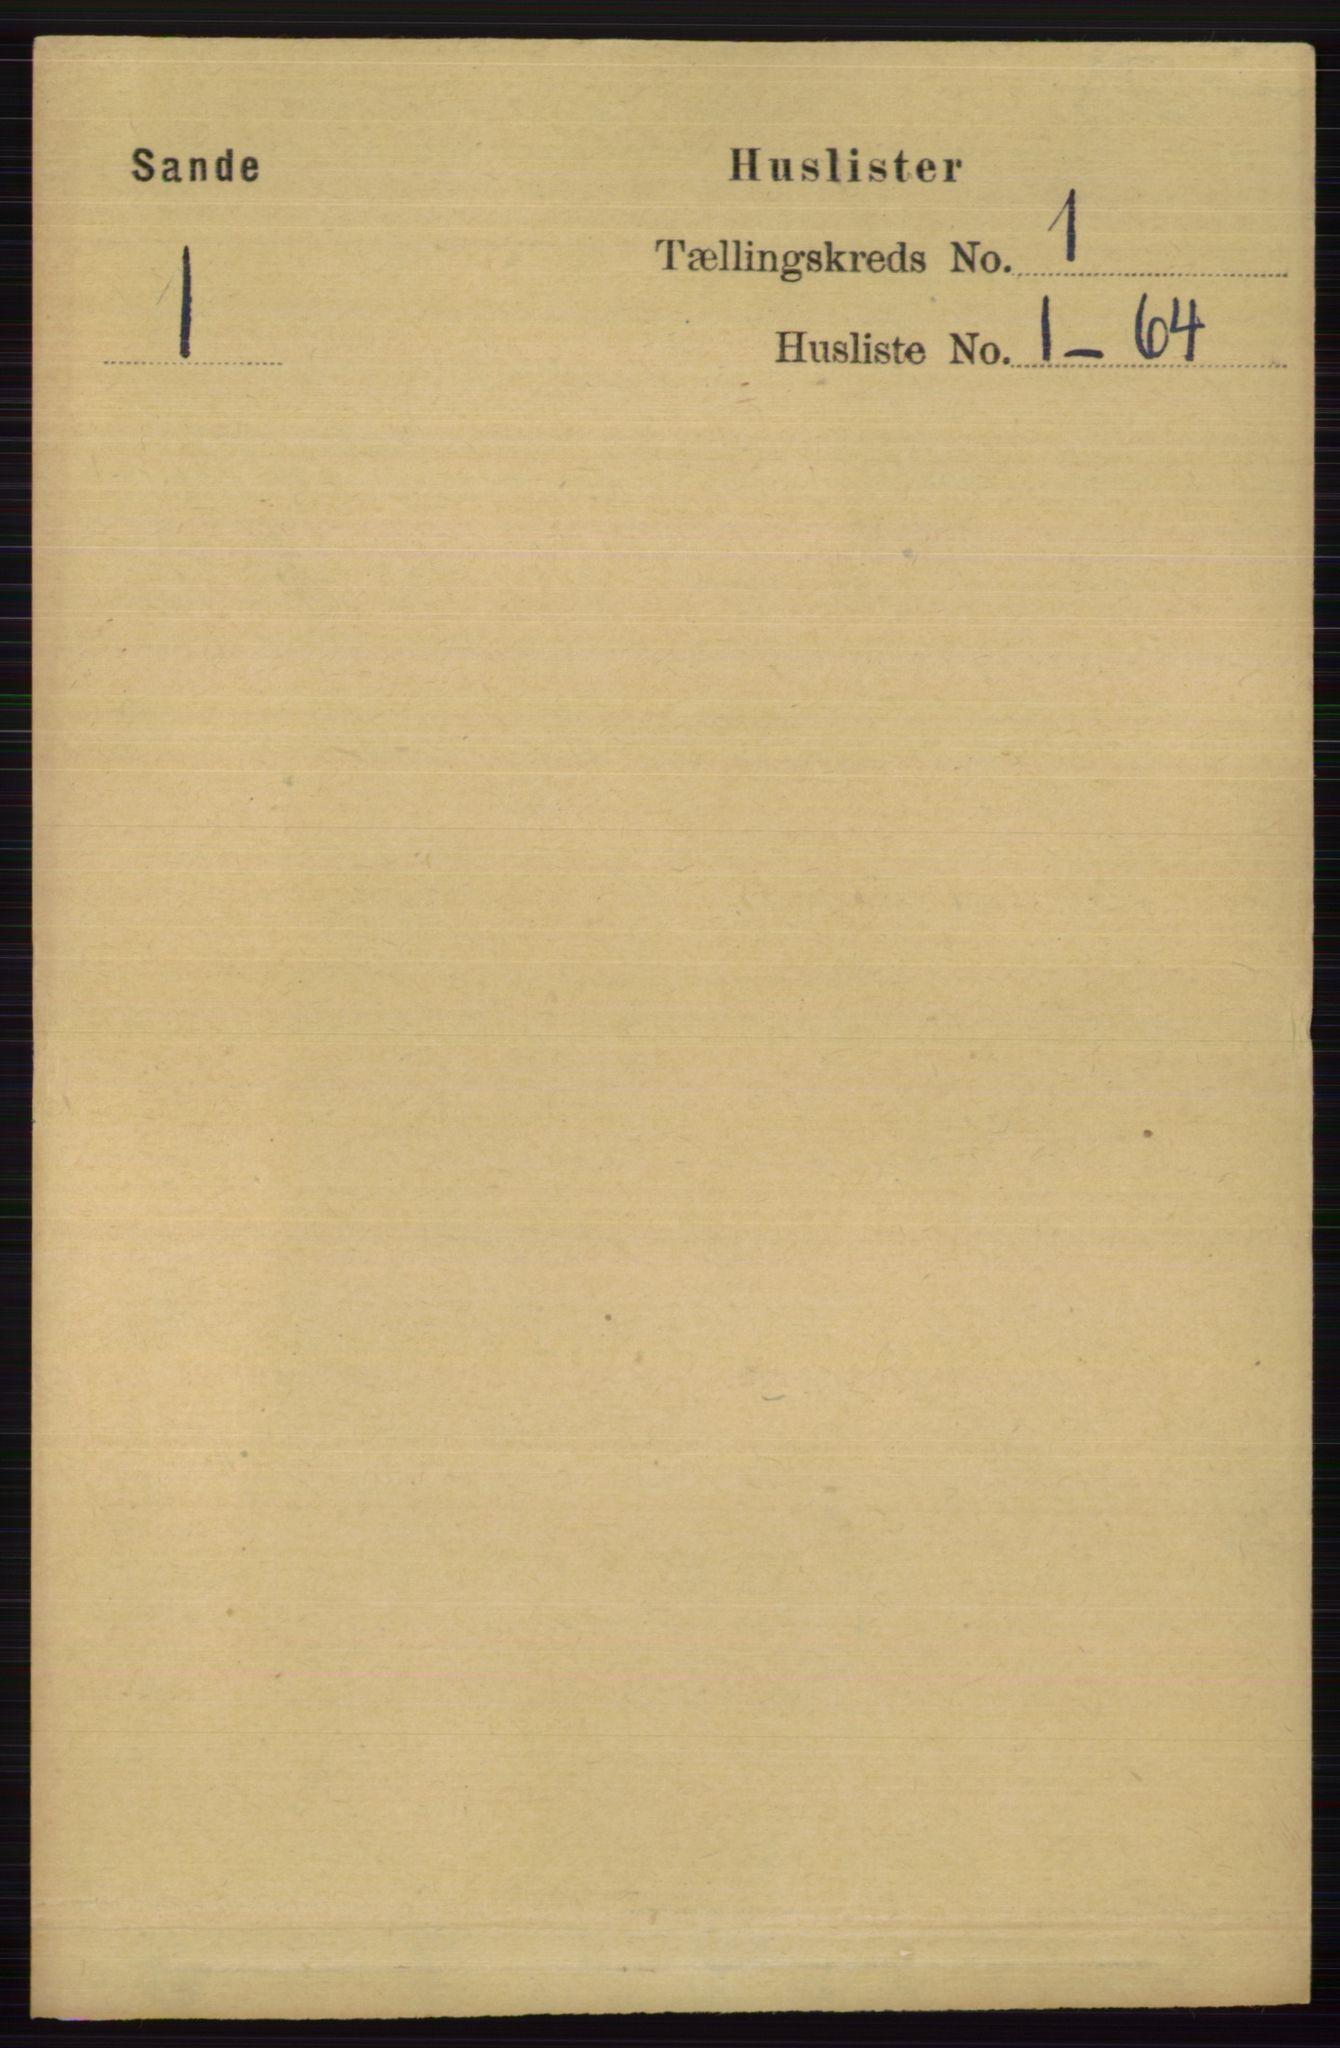 RA, Folketelling 1891 for 0713 Sande herred, 1891, s. 23